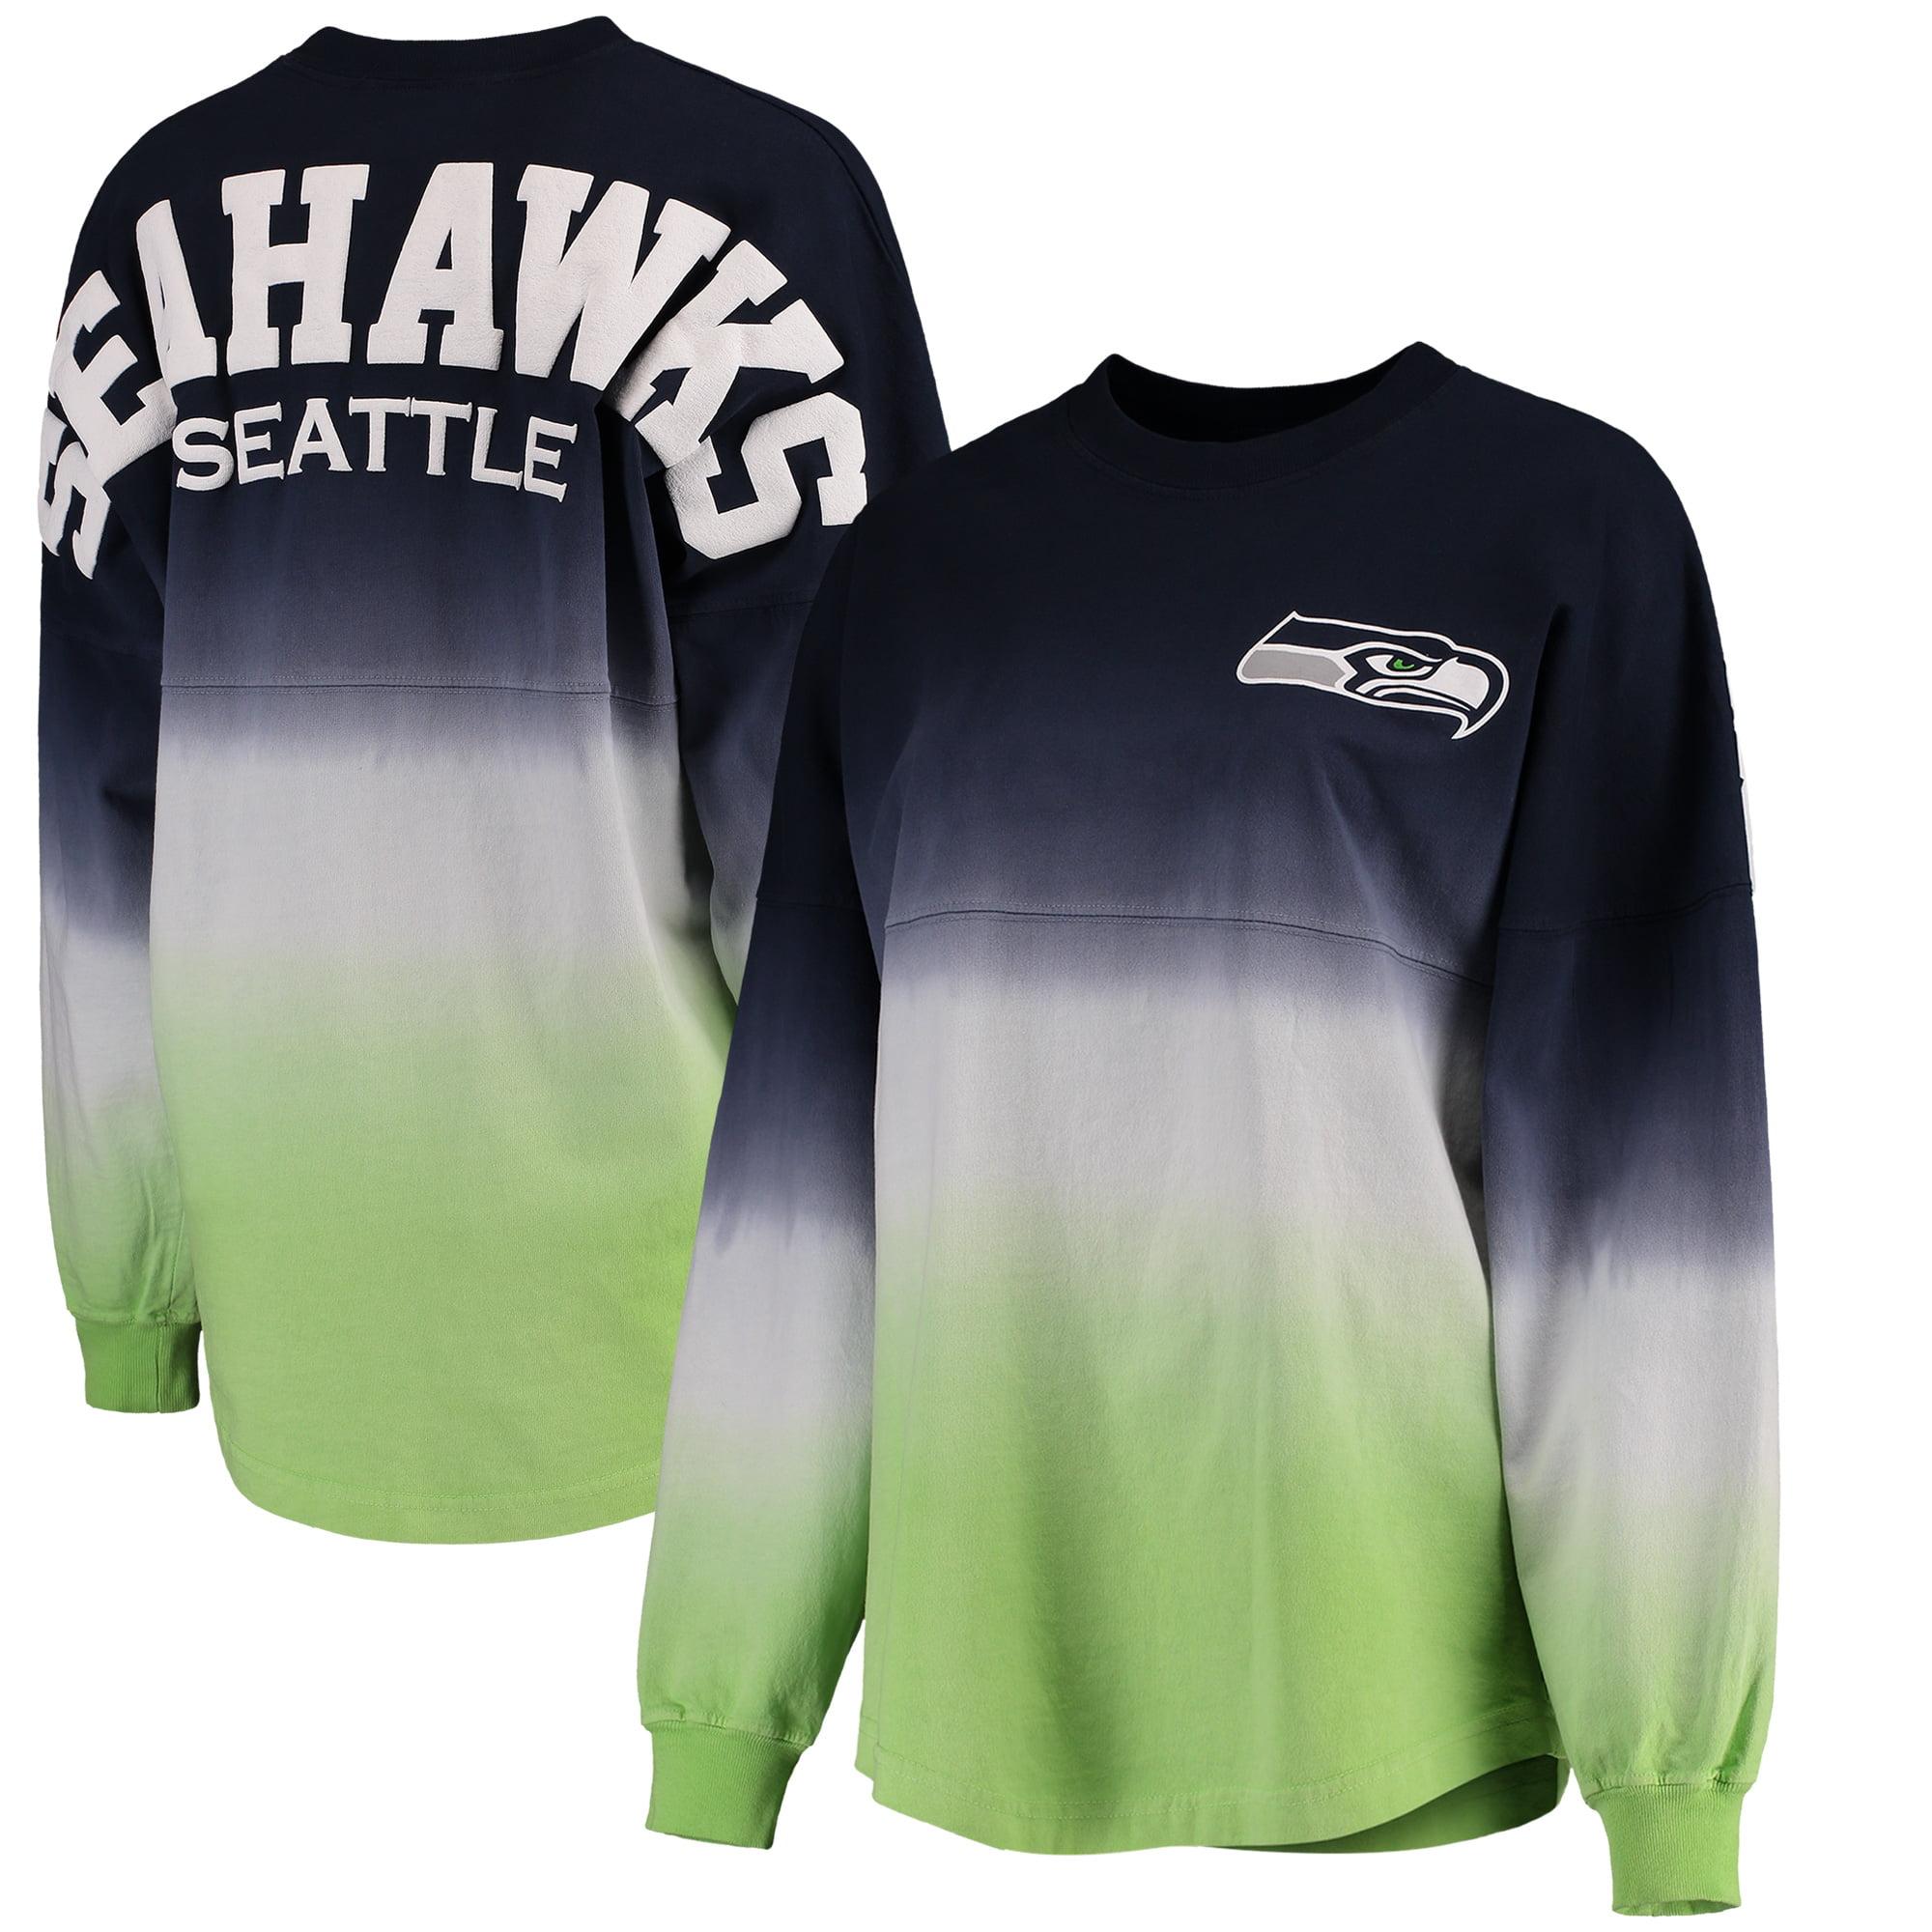 wholesale dealer 1283e 9739b Seattle Seahawks NFL Pro Line by Fanatics Branded Women's Spirit Jersey  Long Sleeve T-Shirt - College Navy/Neon Green